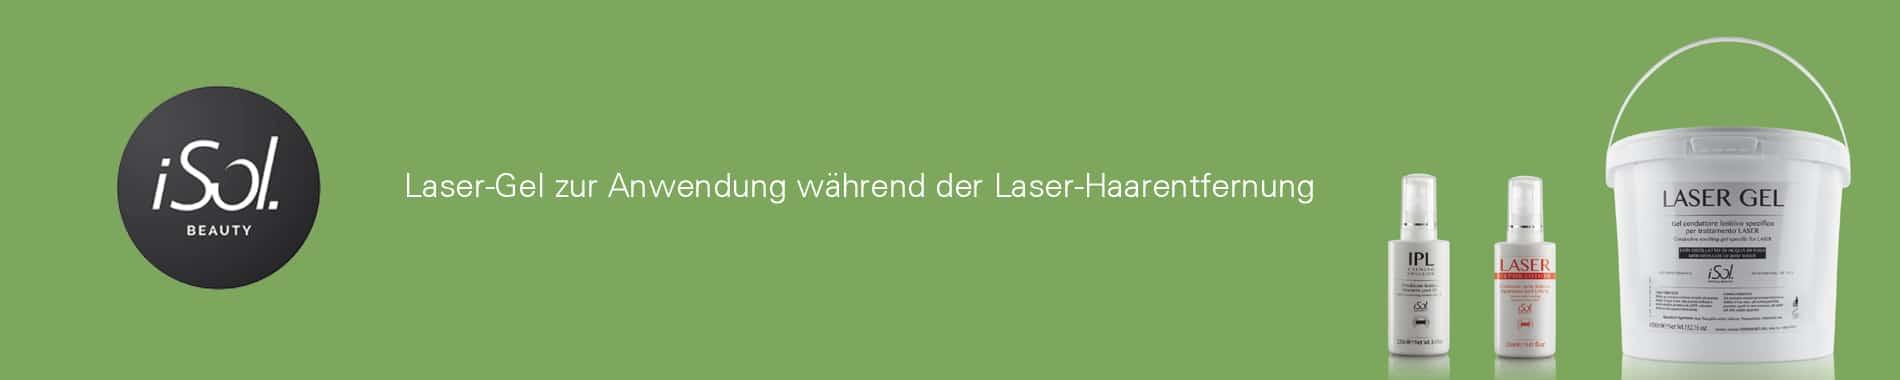 iSol Beauty Laser Kontakt Gel dauerhafte Haarentfernung